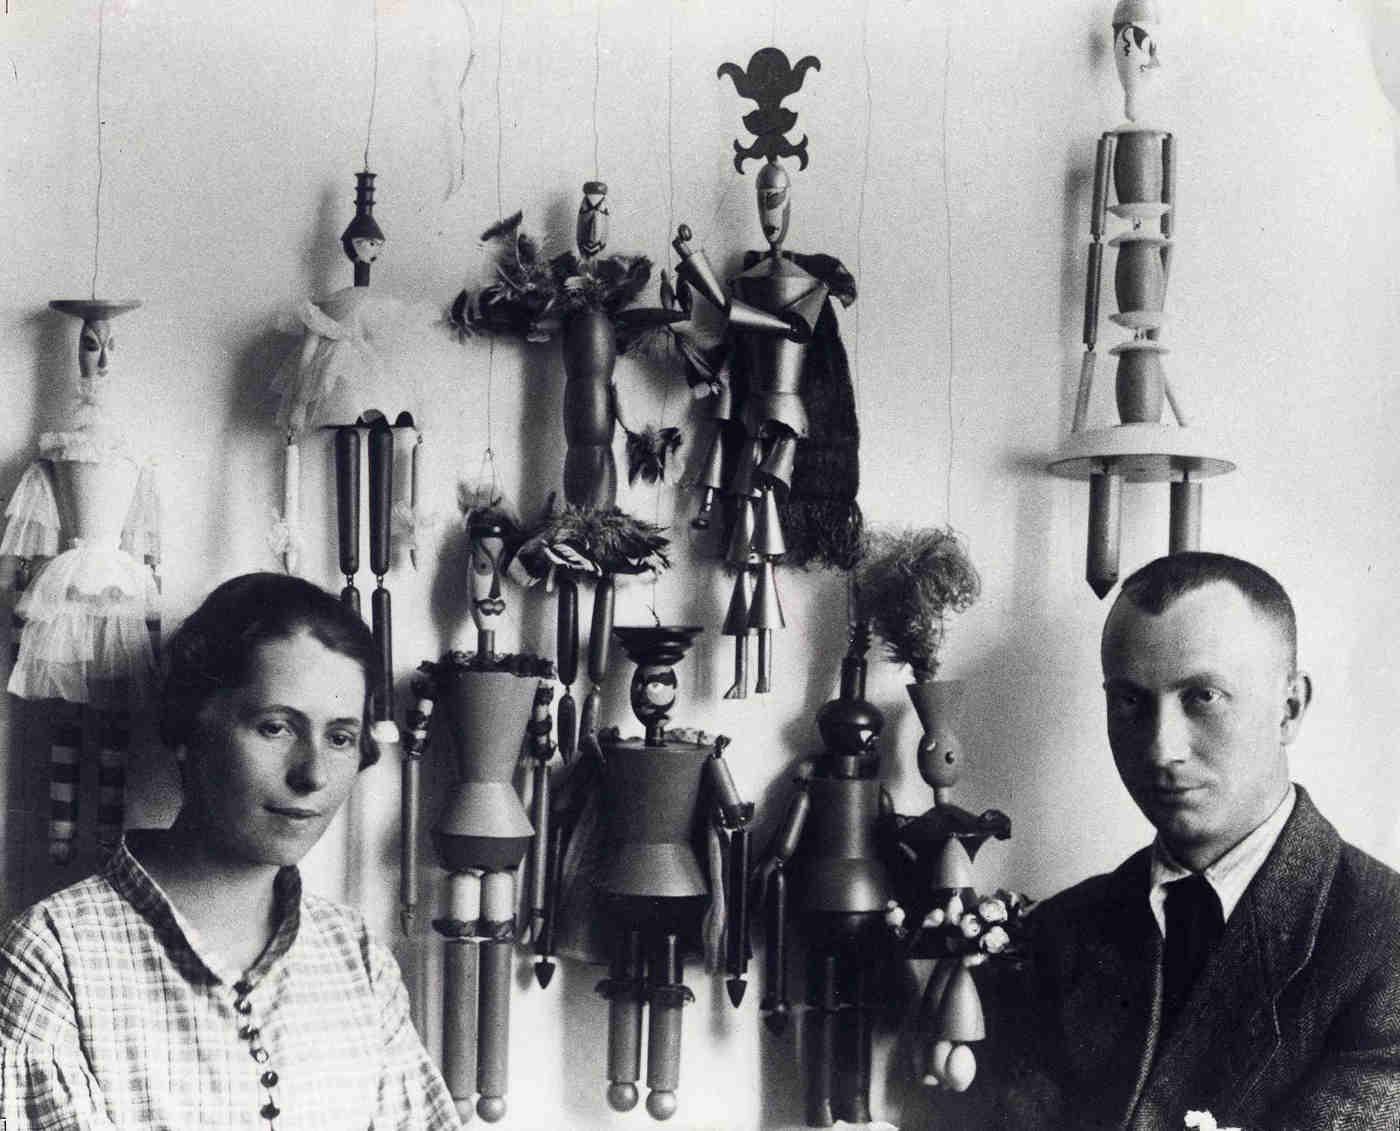 """Sophie Taeuber und Hans Arp vor den Marionetten für das Stück """"König Hirsch"""", Zürich 1918 (Fotograf: Ernst Linck)"""